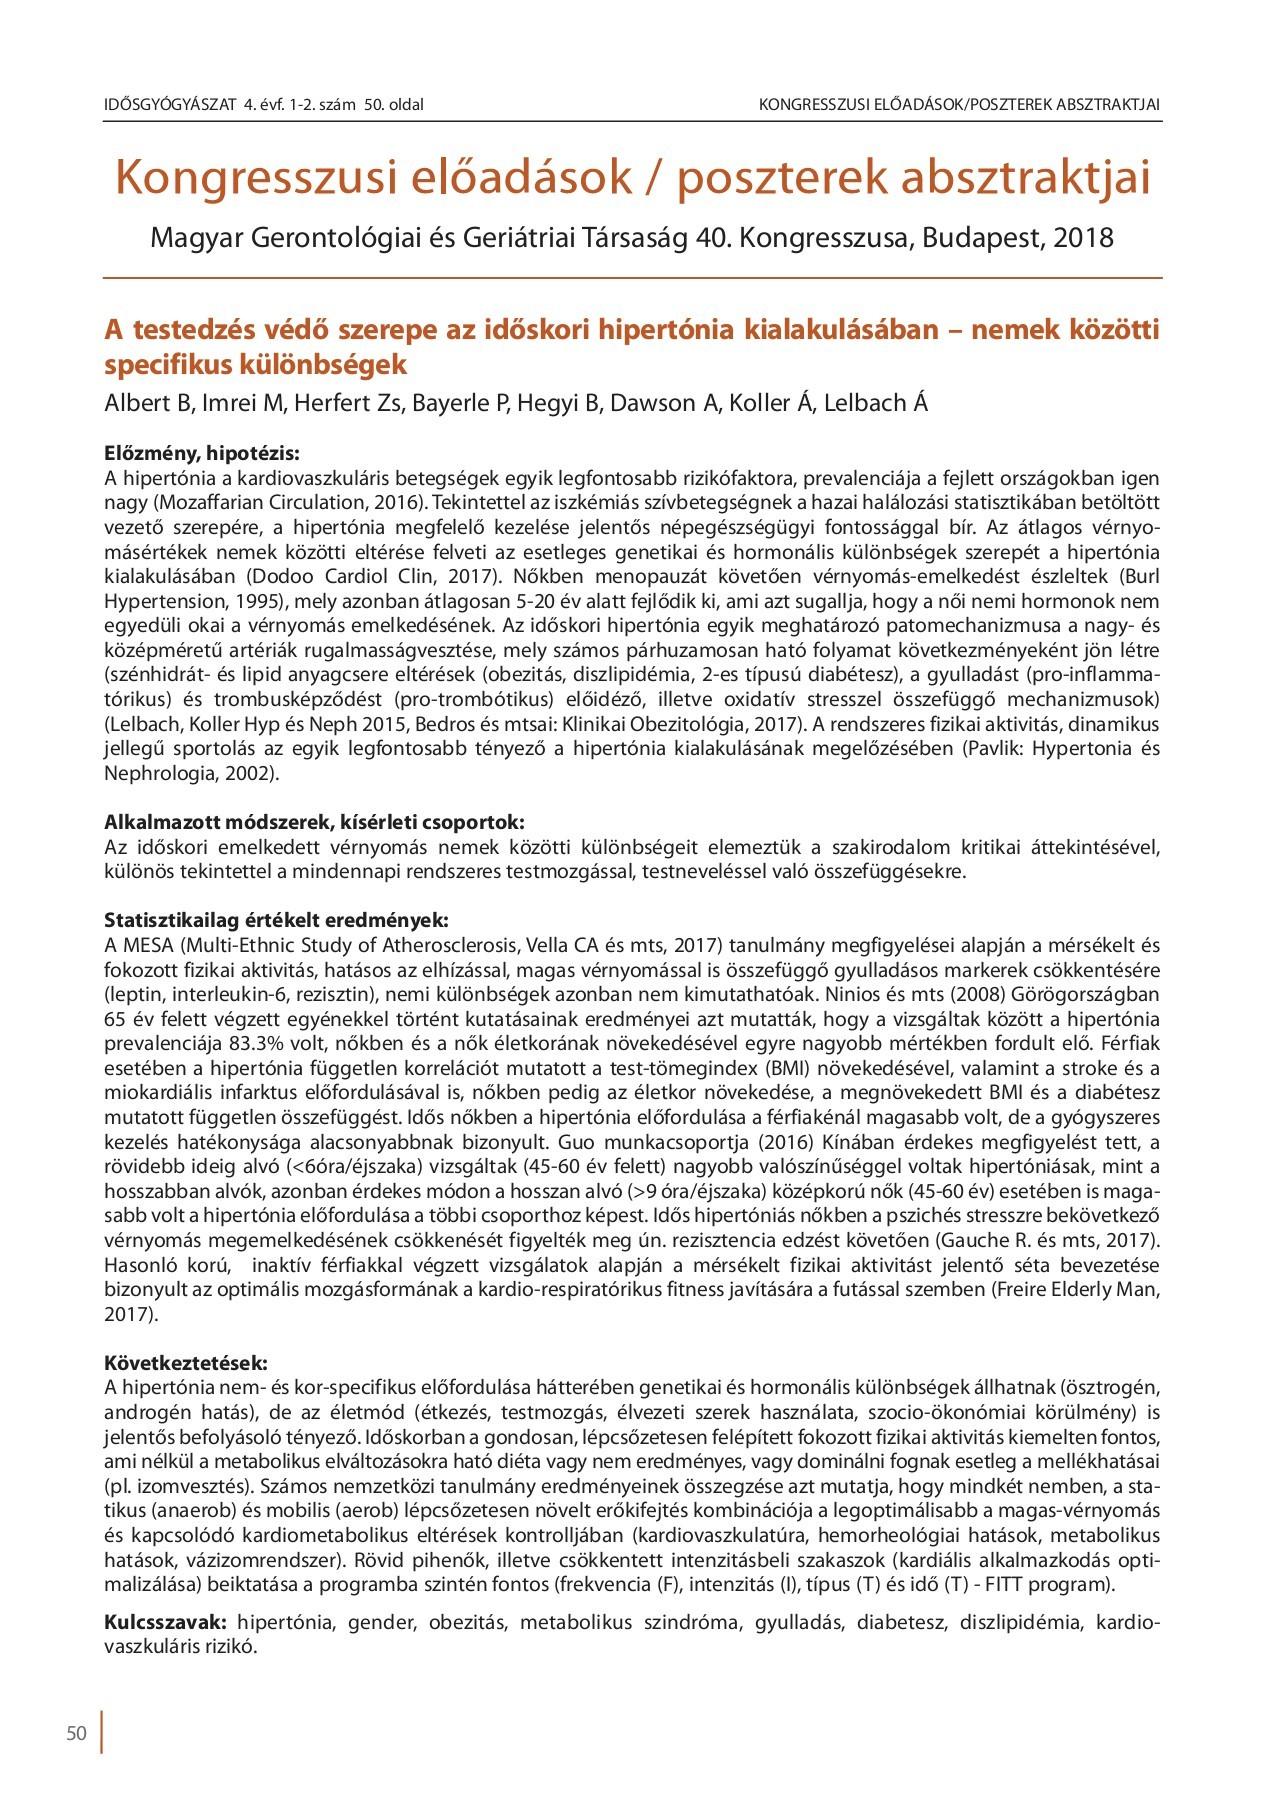 magas vérnyomás kezelése gyógyszerekkel férfiaknál hipertóniában az imidazolin receptorok antagonistái